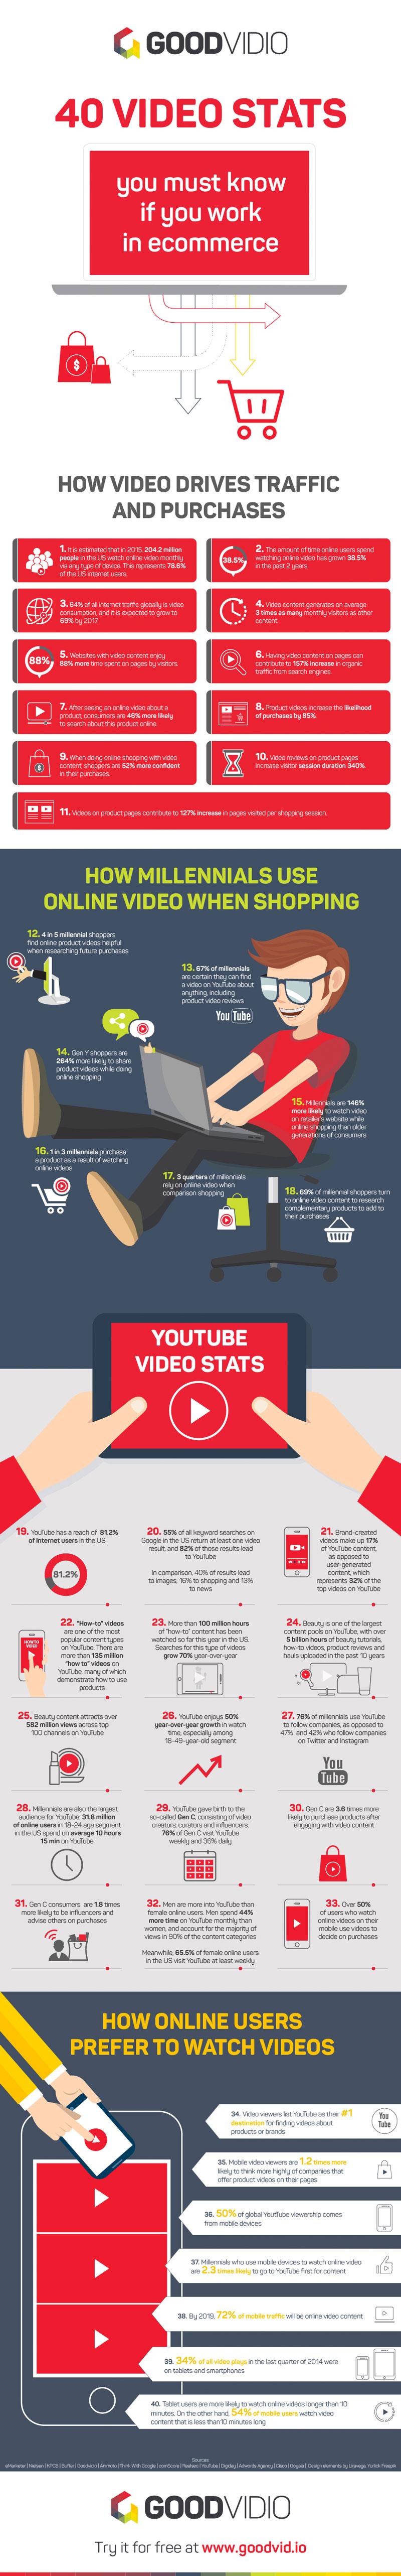 Estadísticas del uso de vídeo en eCommerce